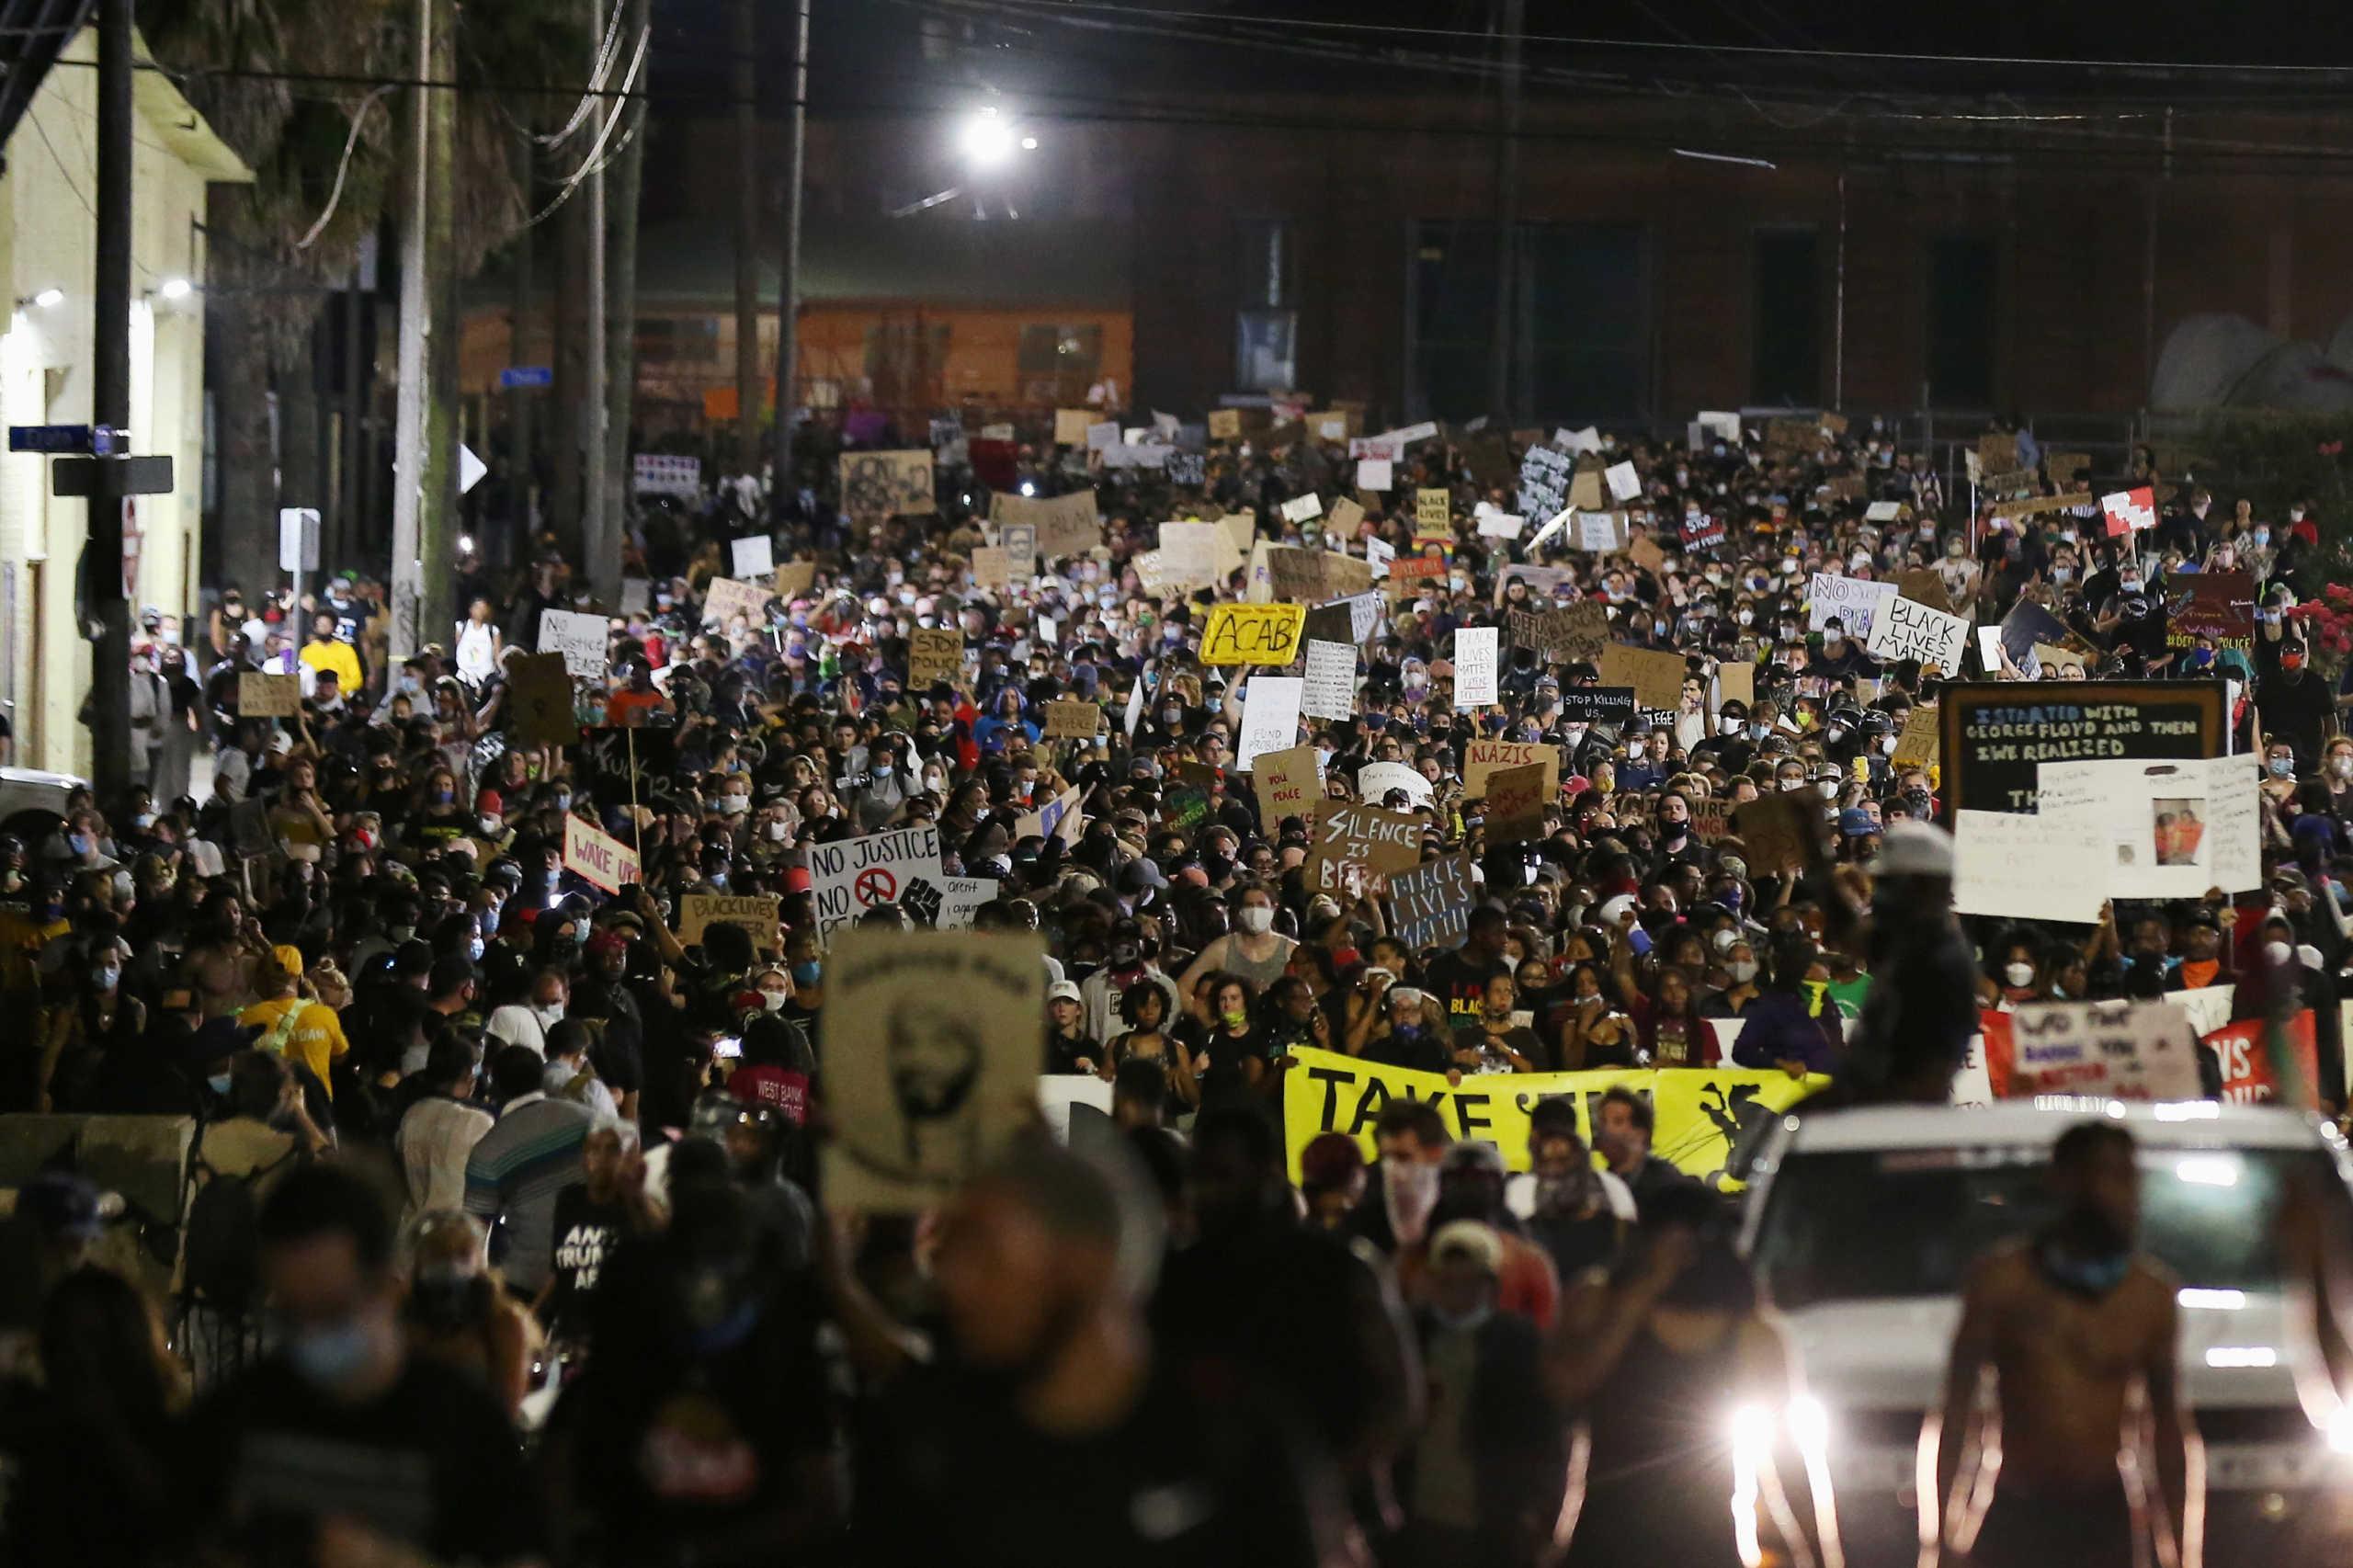 ΗΠΑ: Δίχως τέλος τα fake news εν μέσω  διαδηλώσεων για τη δολοφονία Φλόιντ